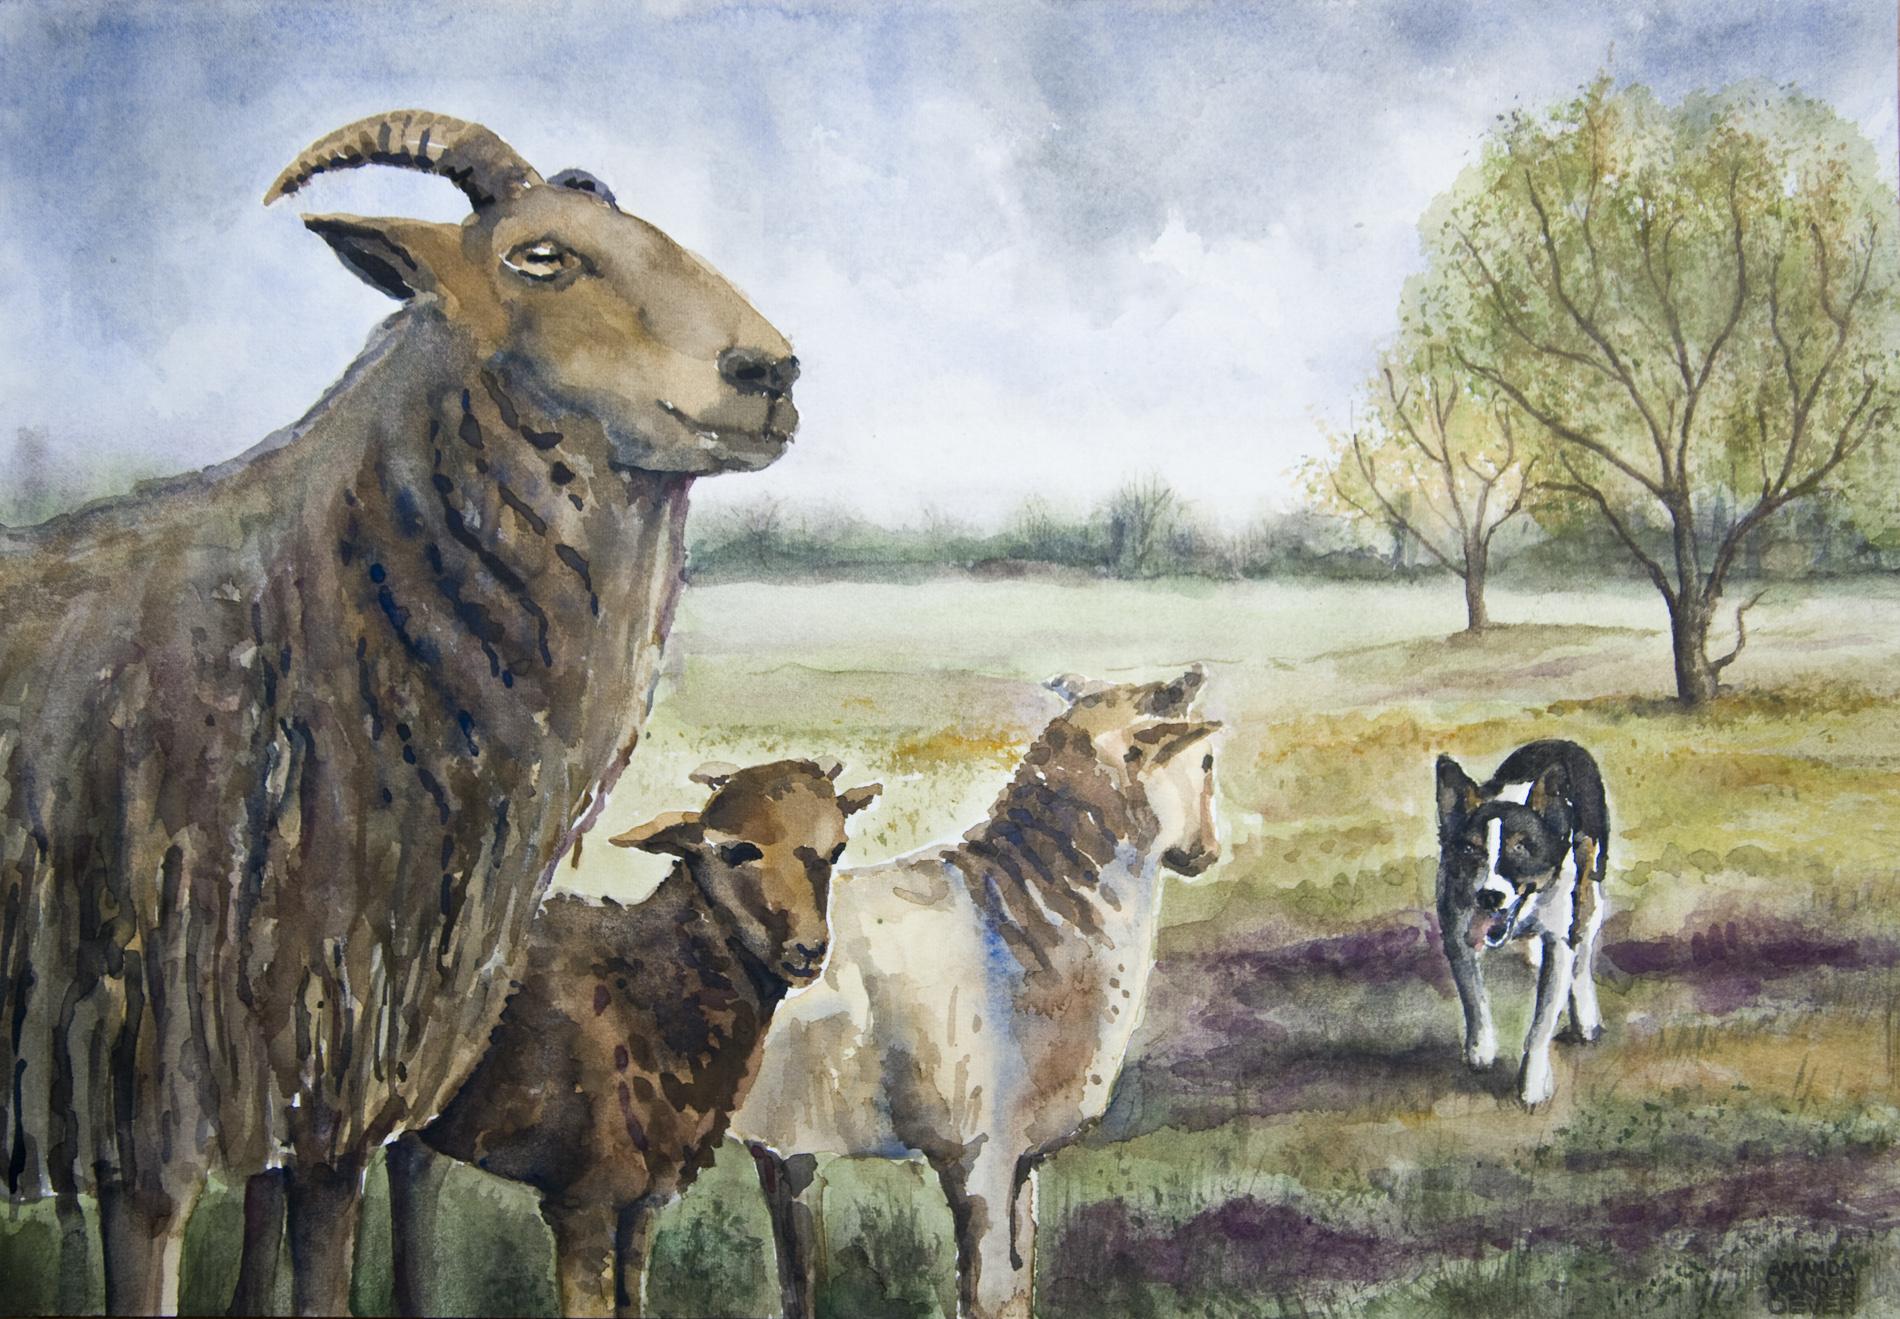 schapendrijven